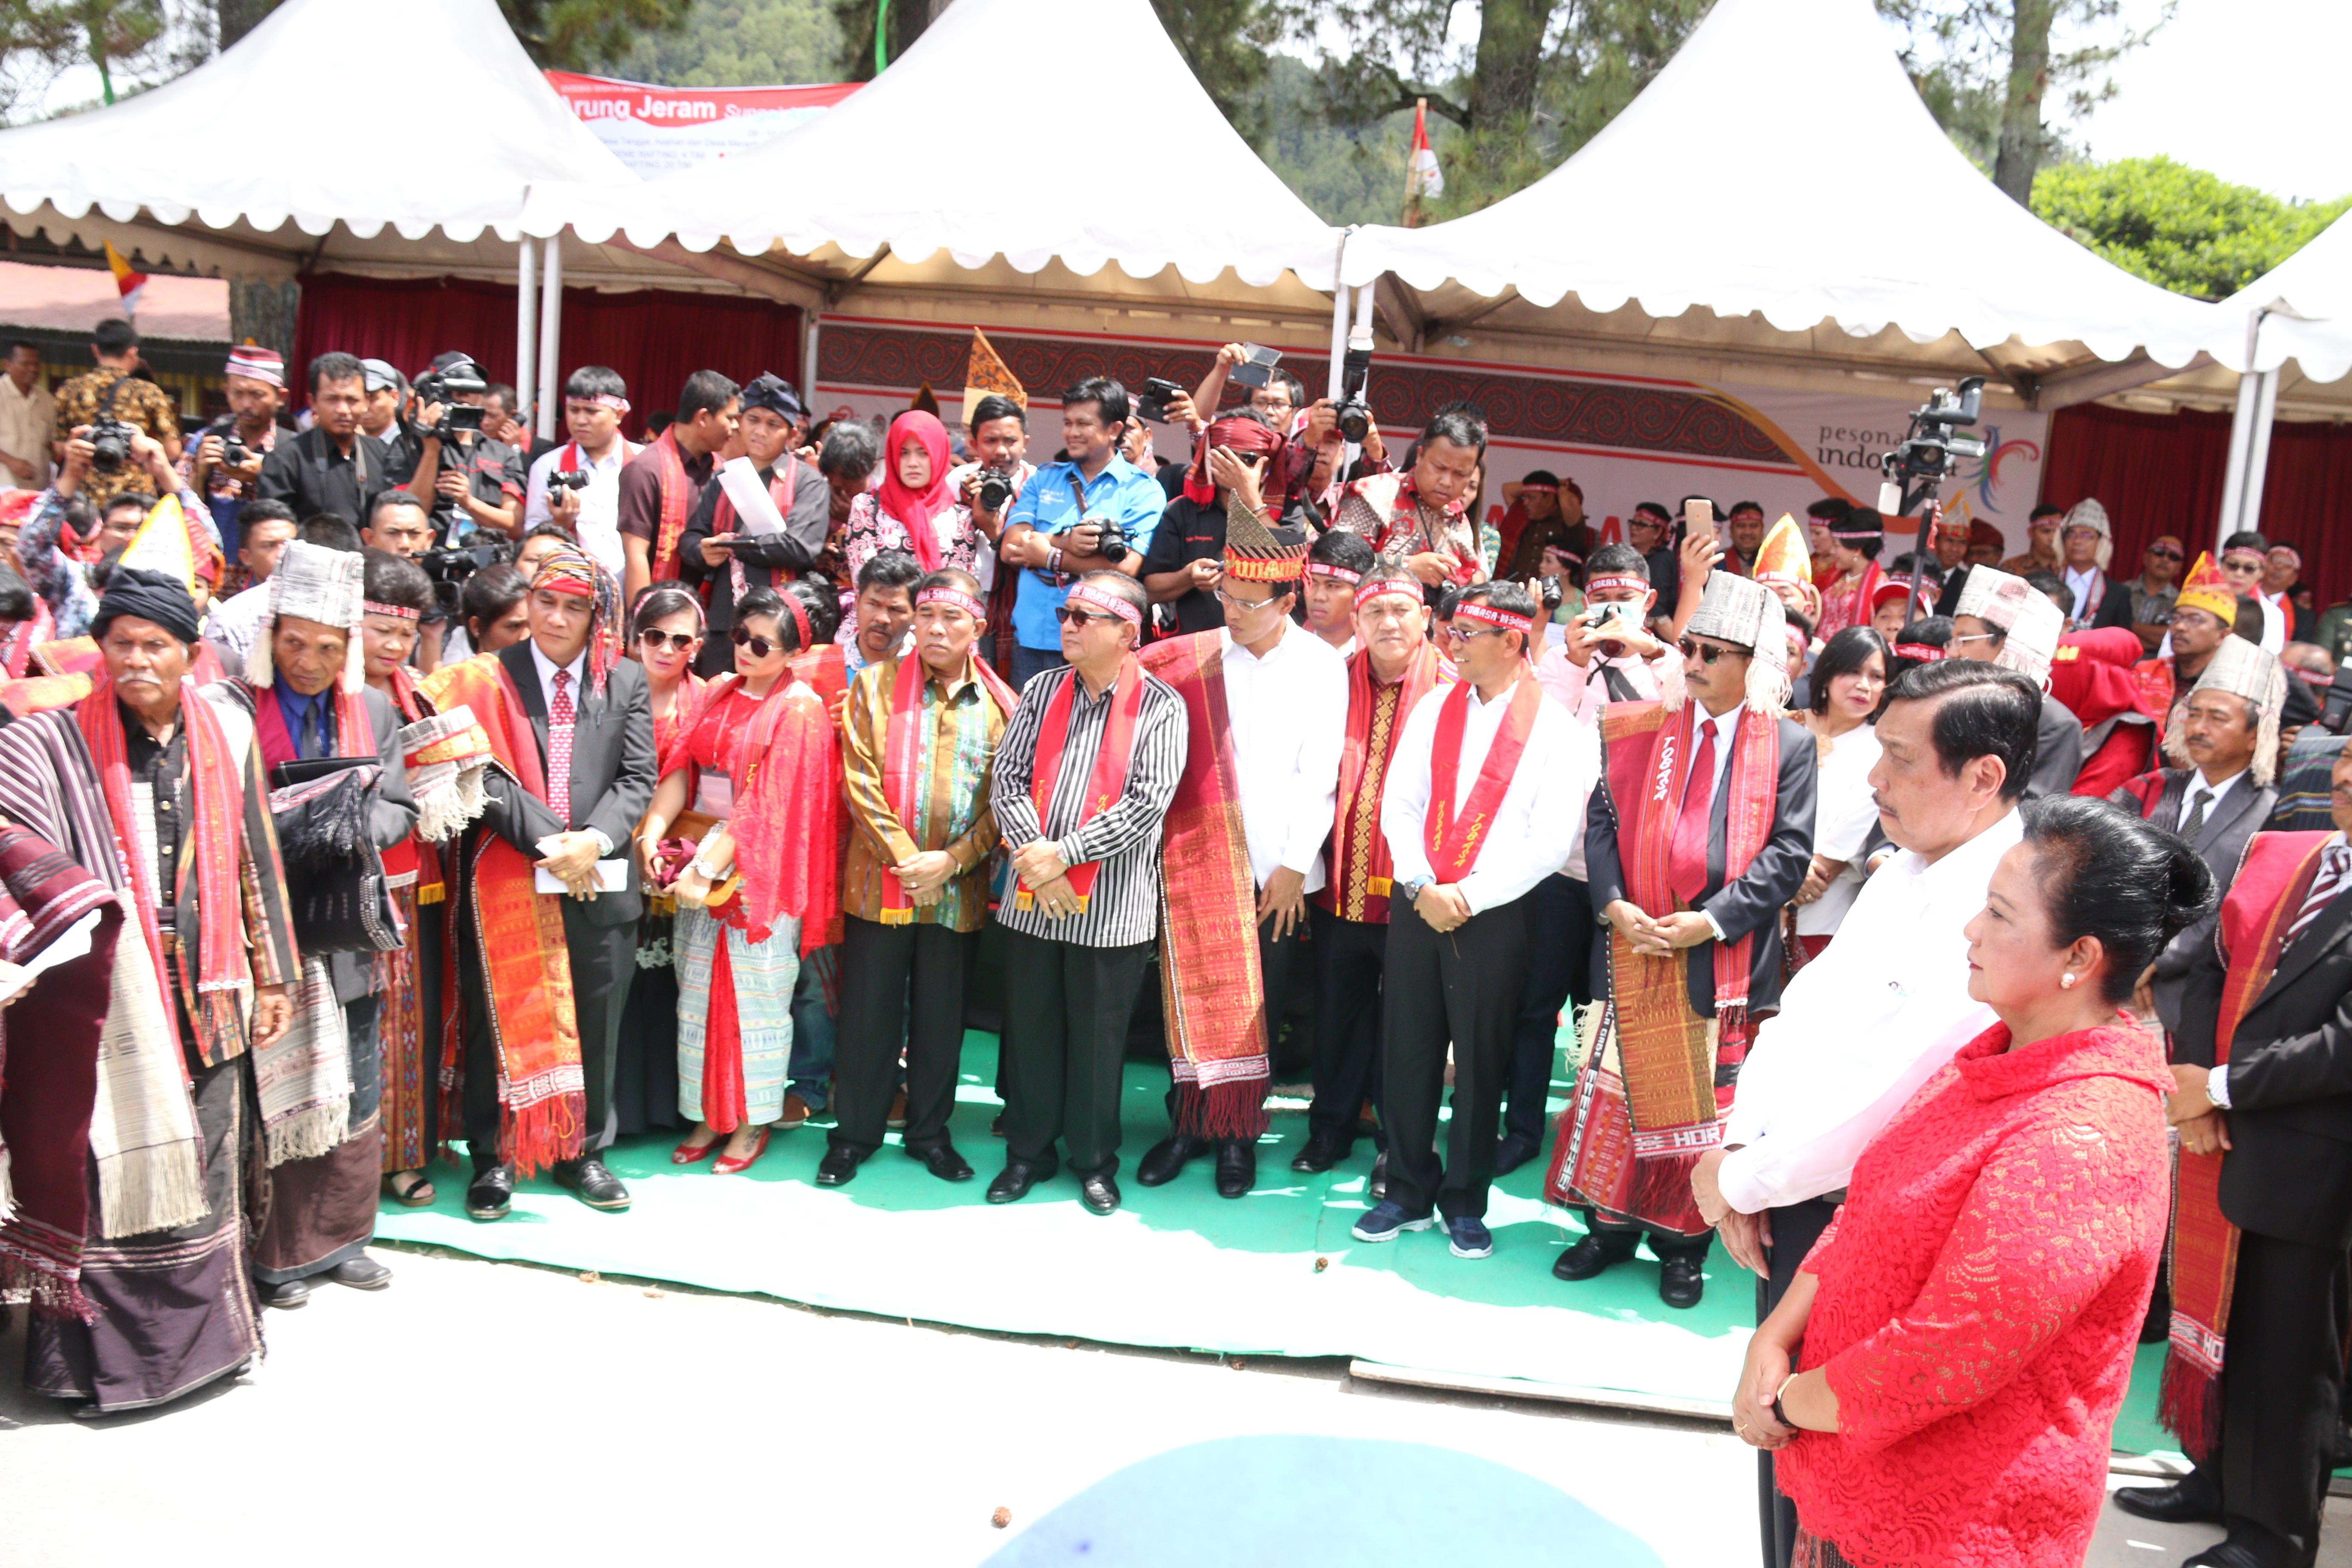 Bupati Taput Hadiri Karnaval Pesona Danau Toba 2017